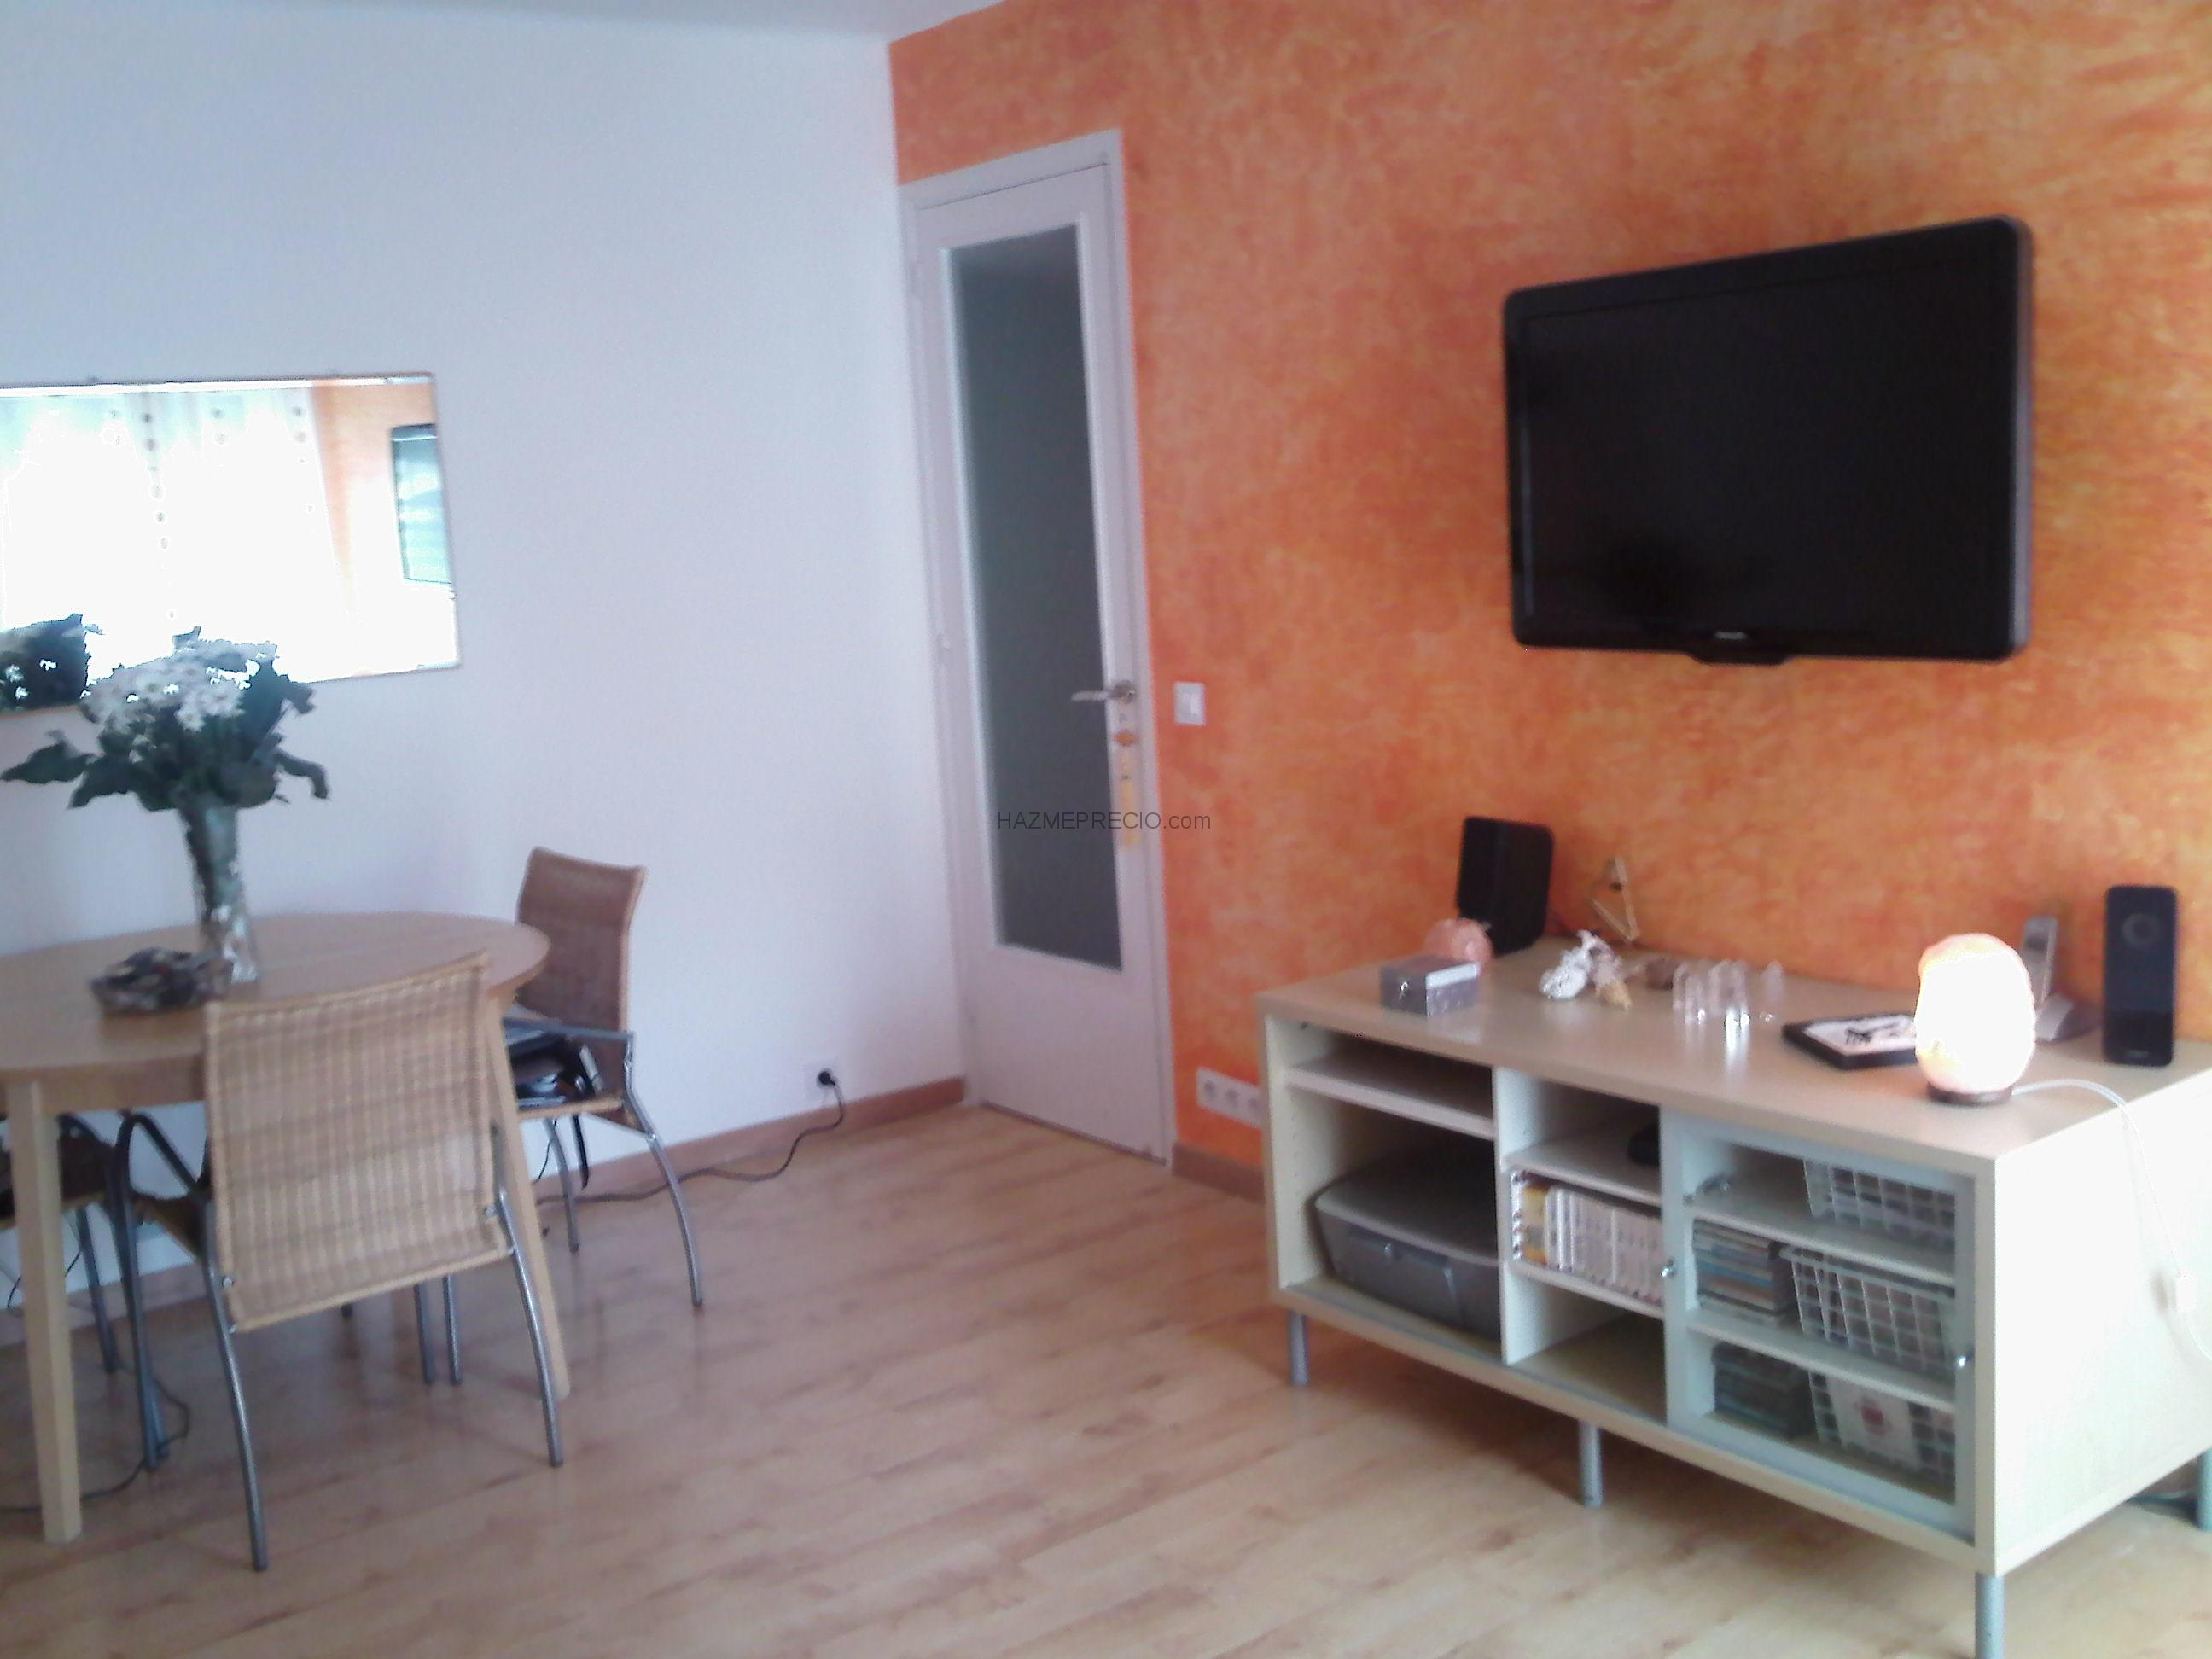 Presupuesto para pintar una pared y techo vilanova del vall s barcelona - Presupuesto para pintar ...